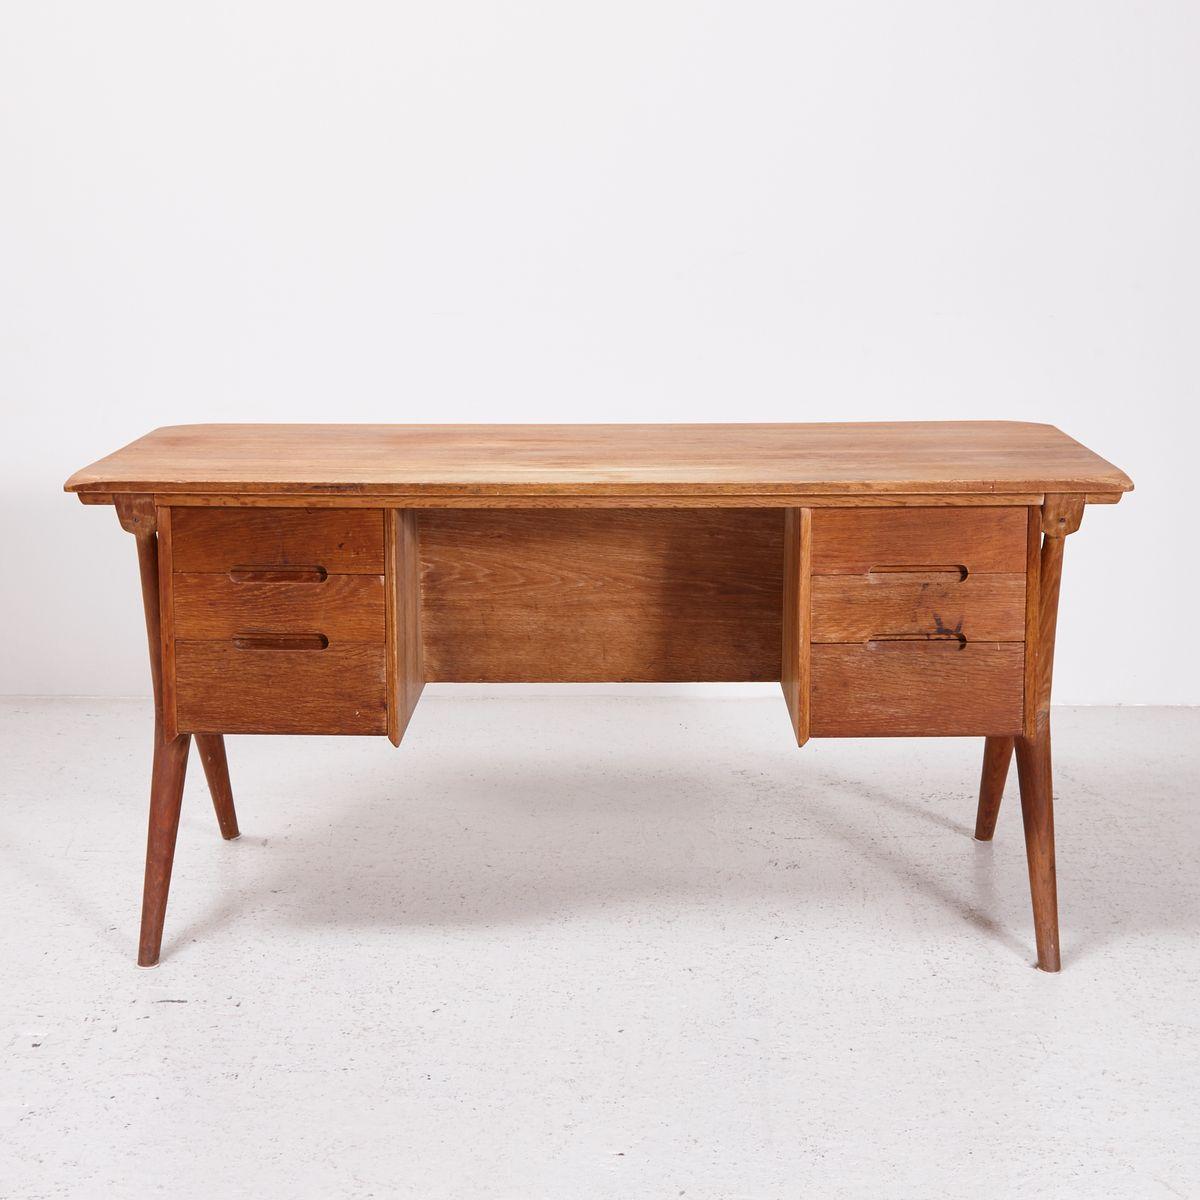 vintage six drawer oak desk 1960s for sale at pamono. Black Bedroom Furniture Sets. Home Design Ideas